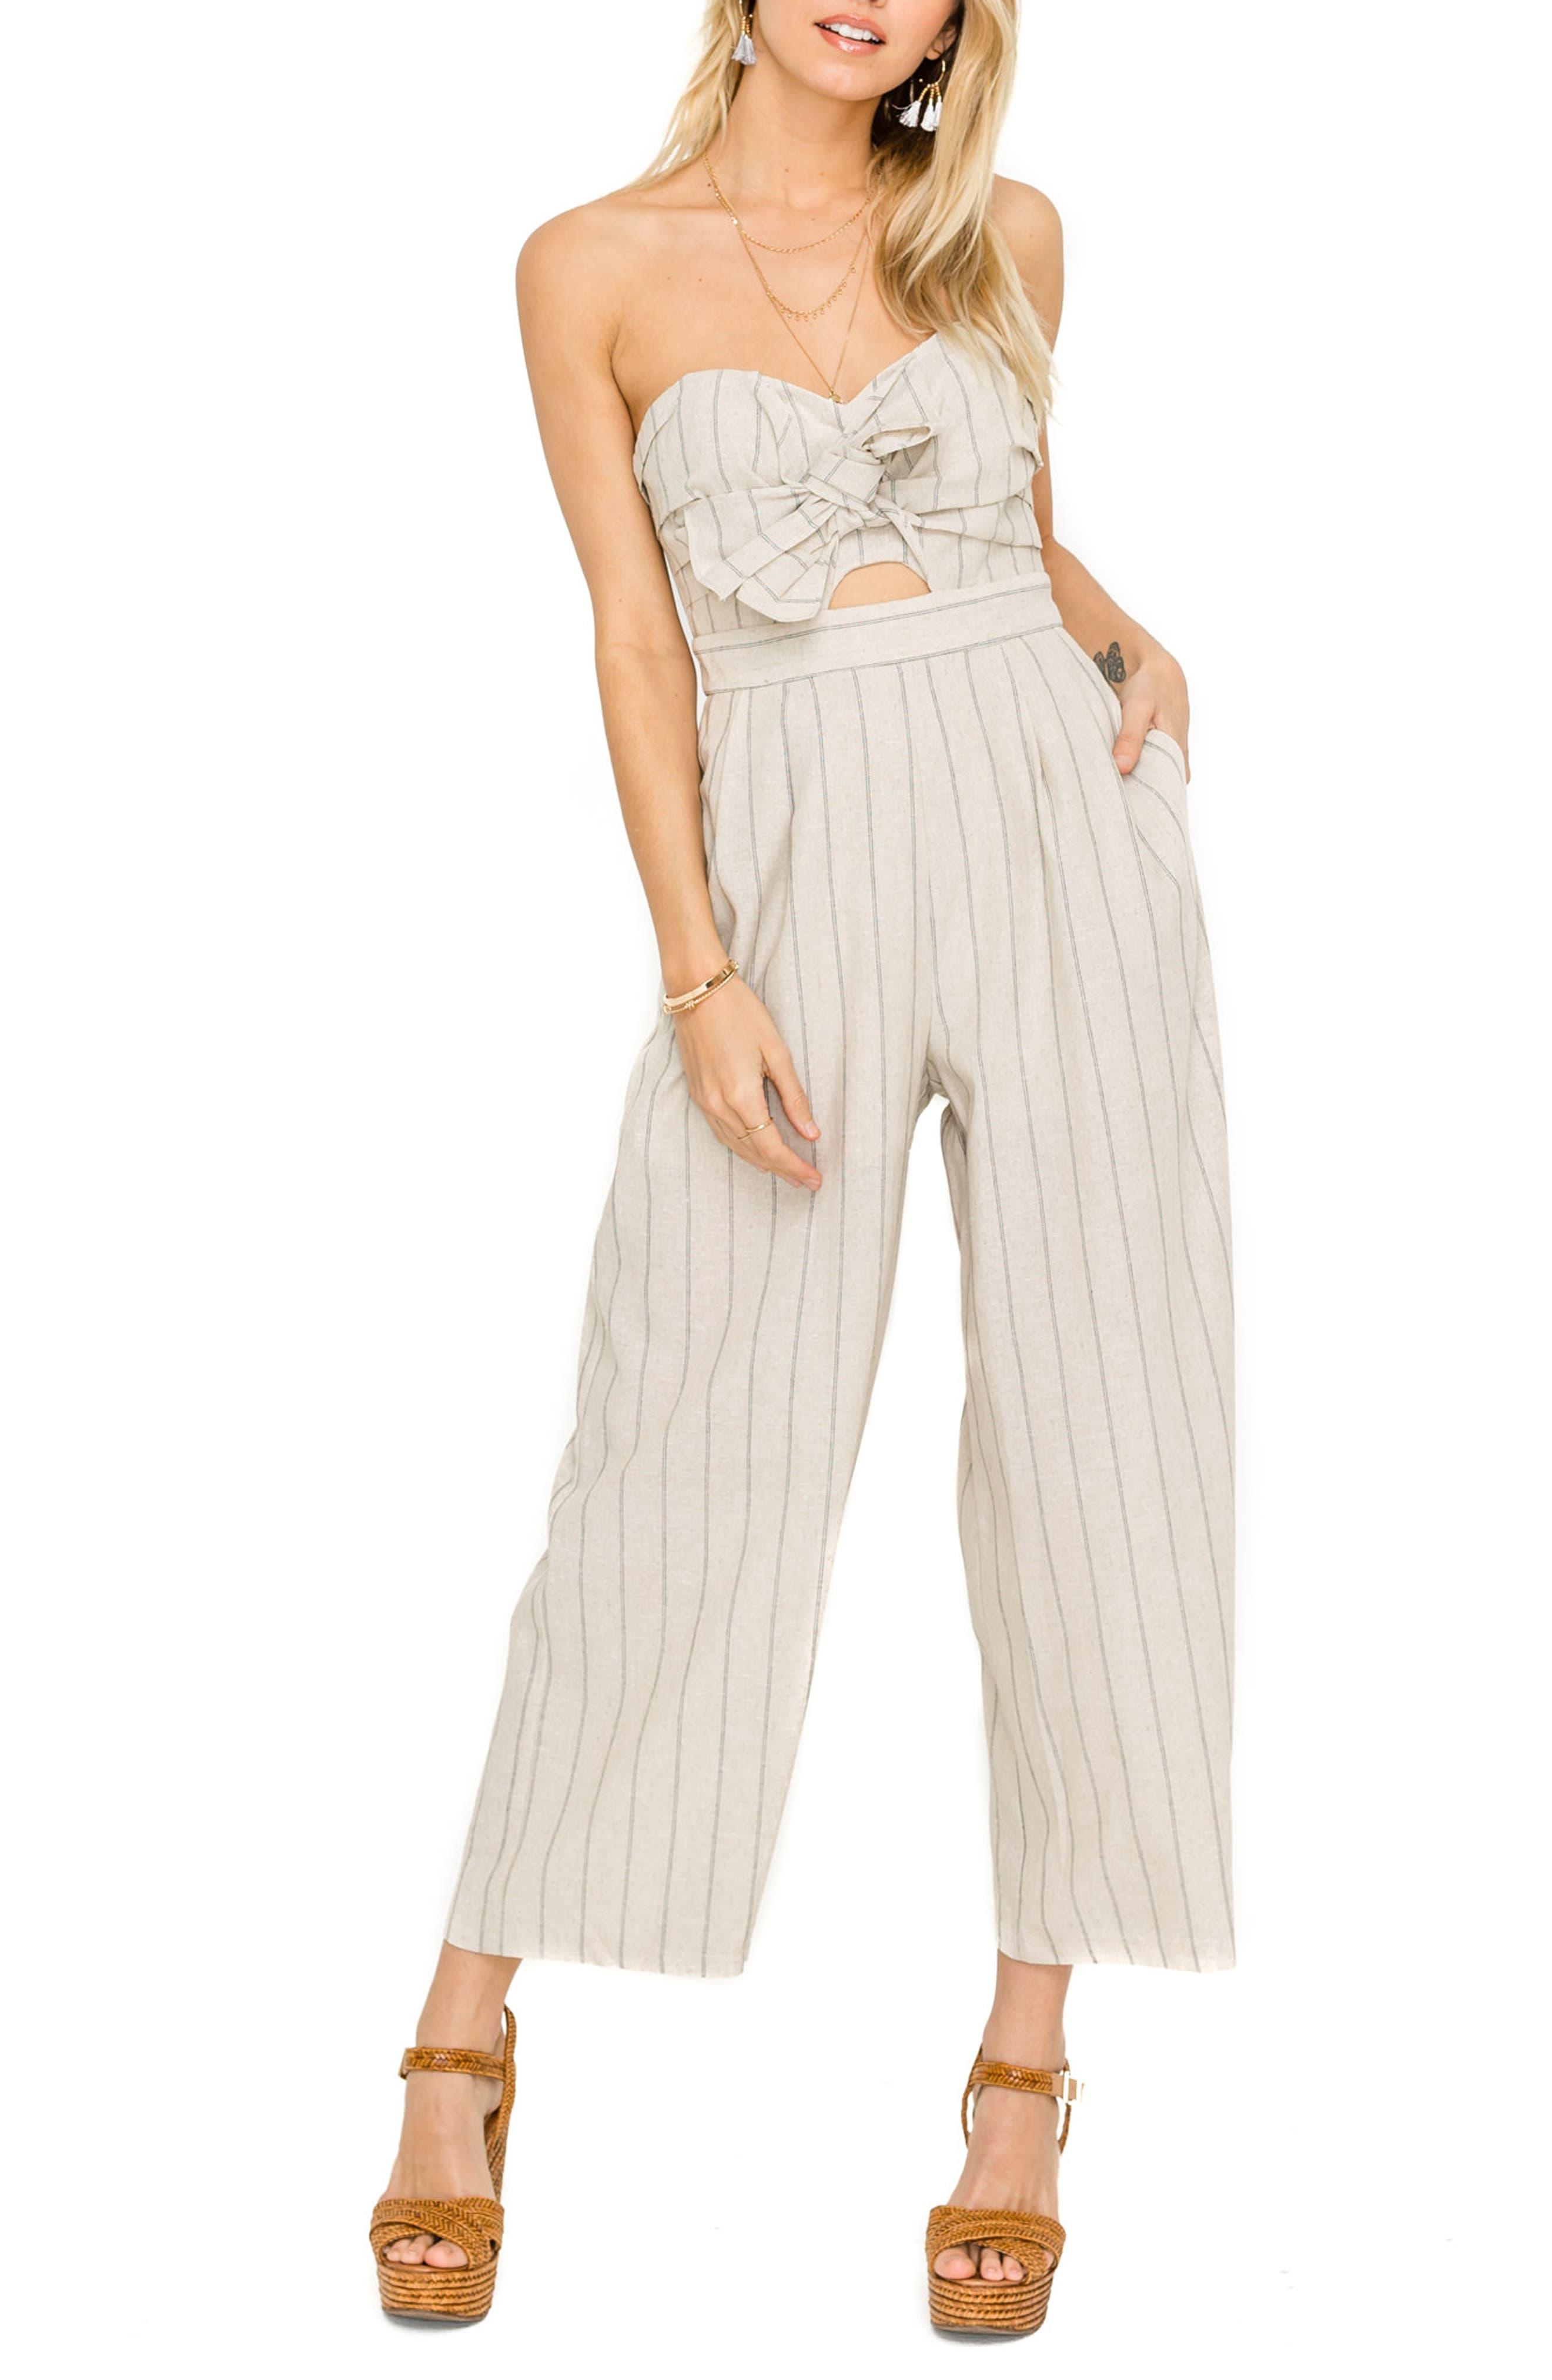 ASTR THE LABEL, Mara Strapless Cotton & Linen Jumpsuit, Main thumbnail 1, color, NATURAL/ BLACK STRIPE